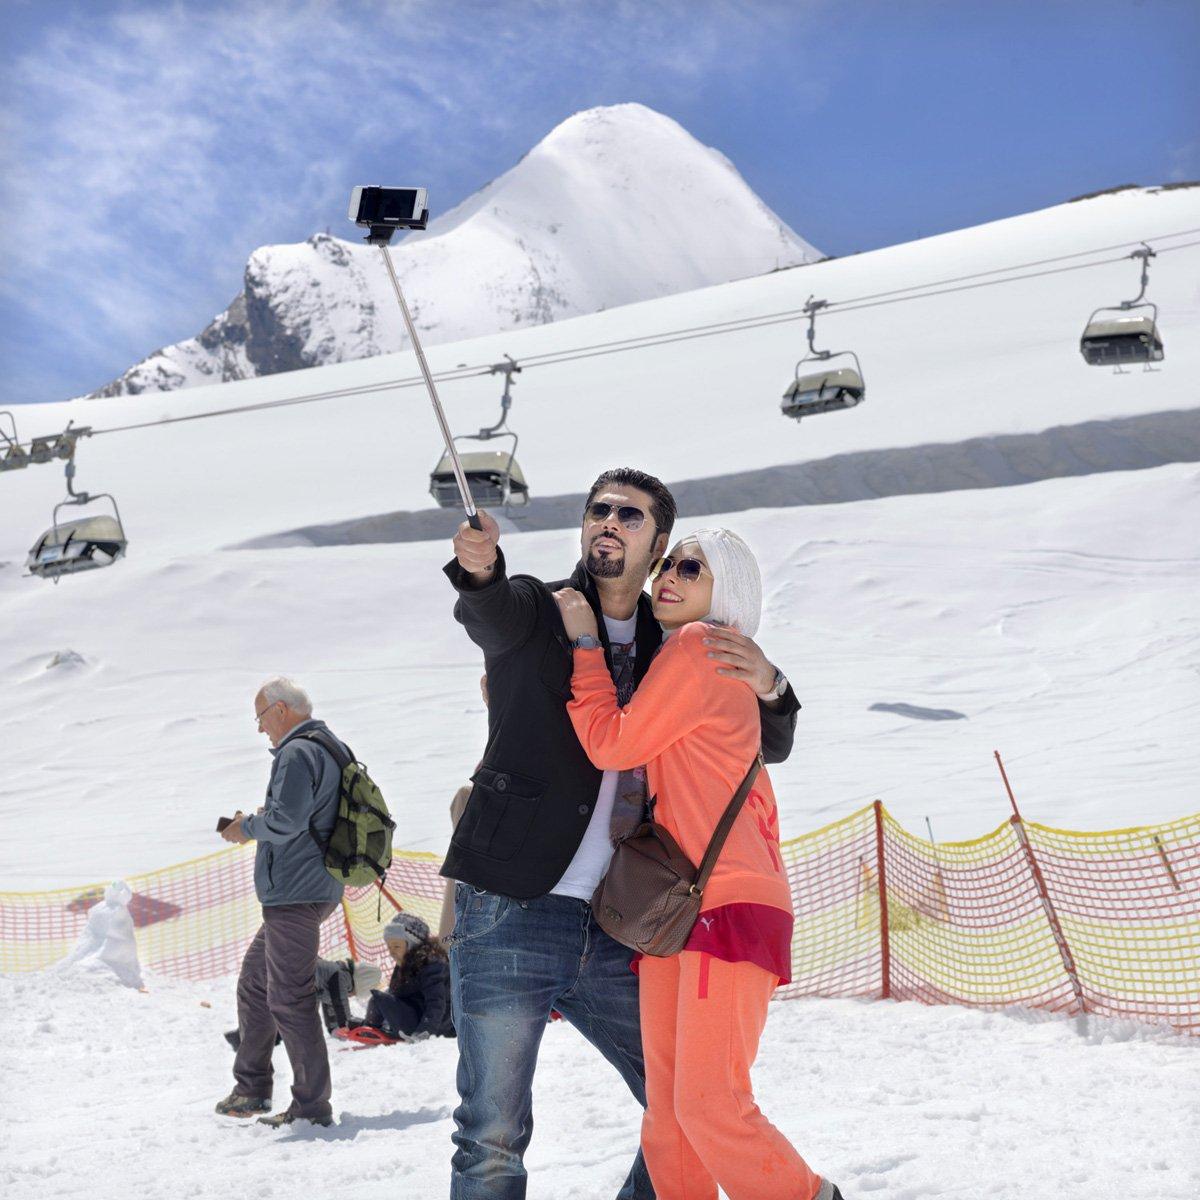 Turistas do Oriente Médio invadem cidade idílica alpina para escapar do calor do verão escaldante 07